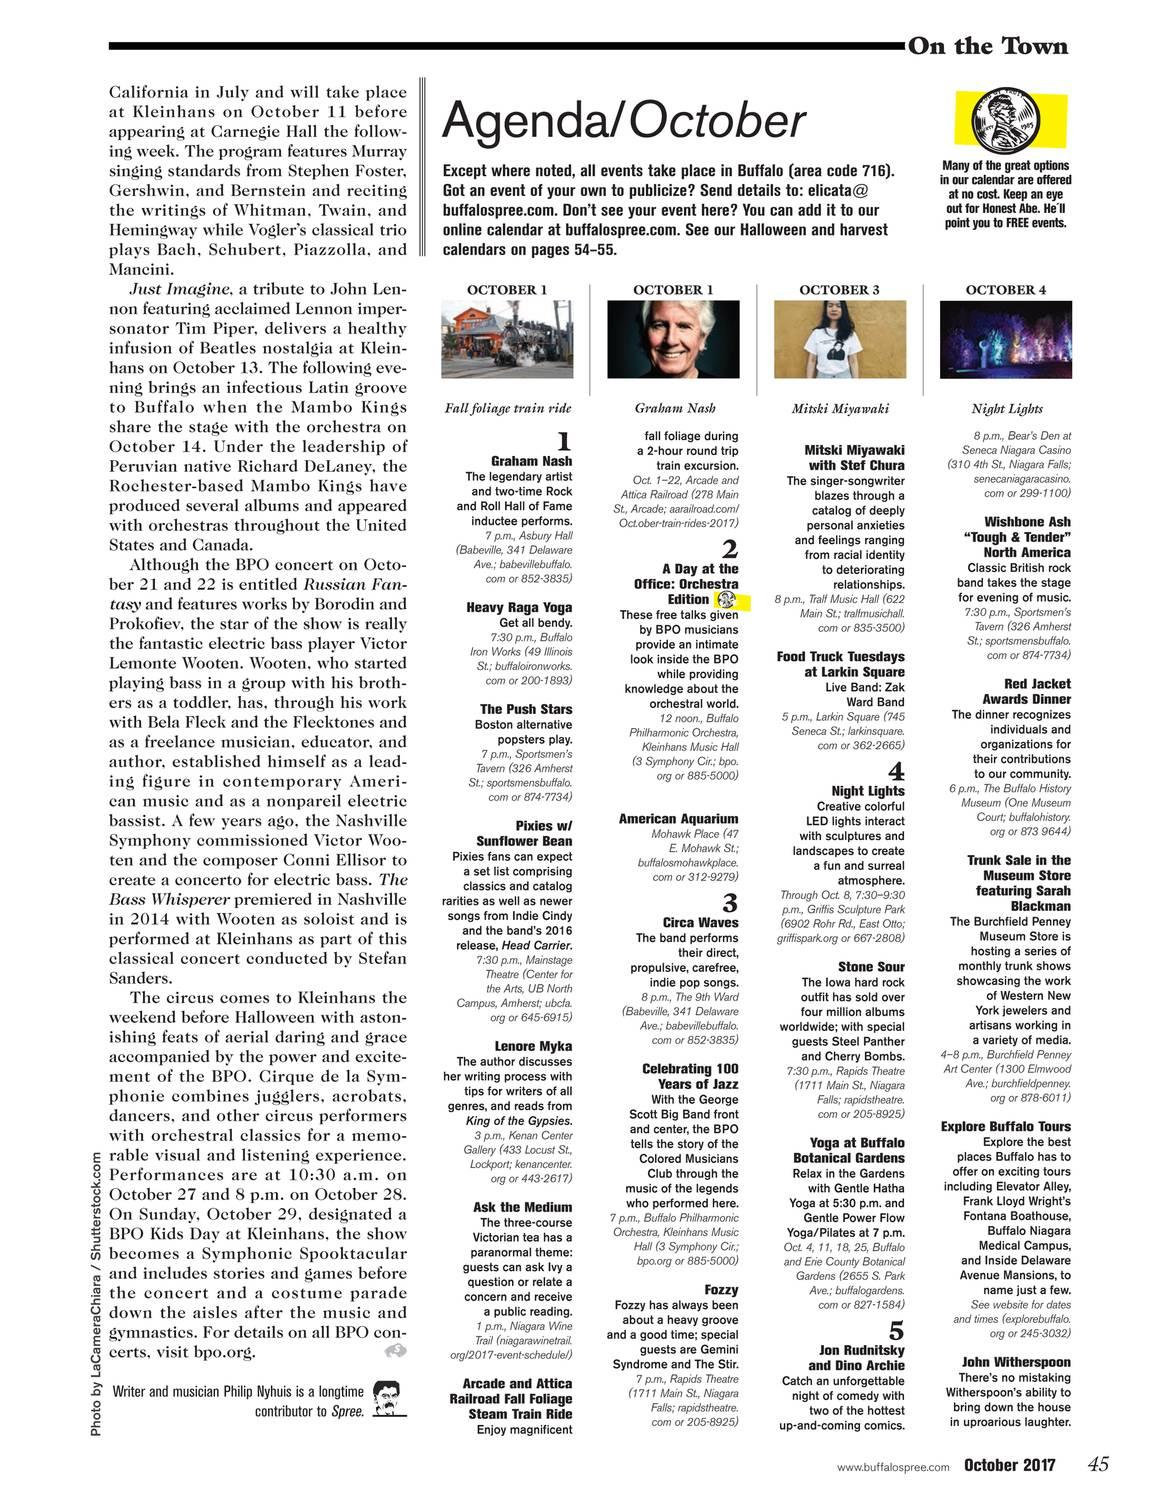 Buffalo Spree - October 2017 - page 46